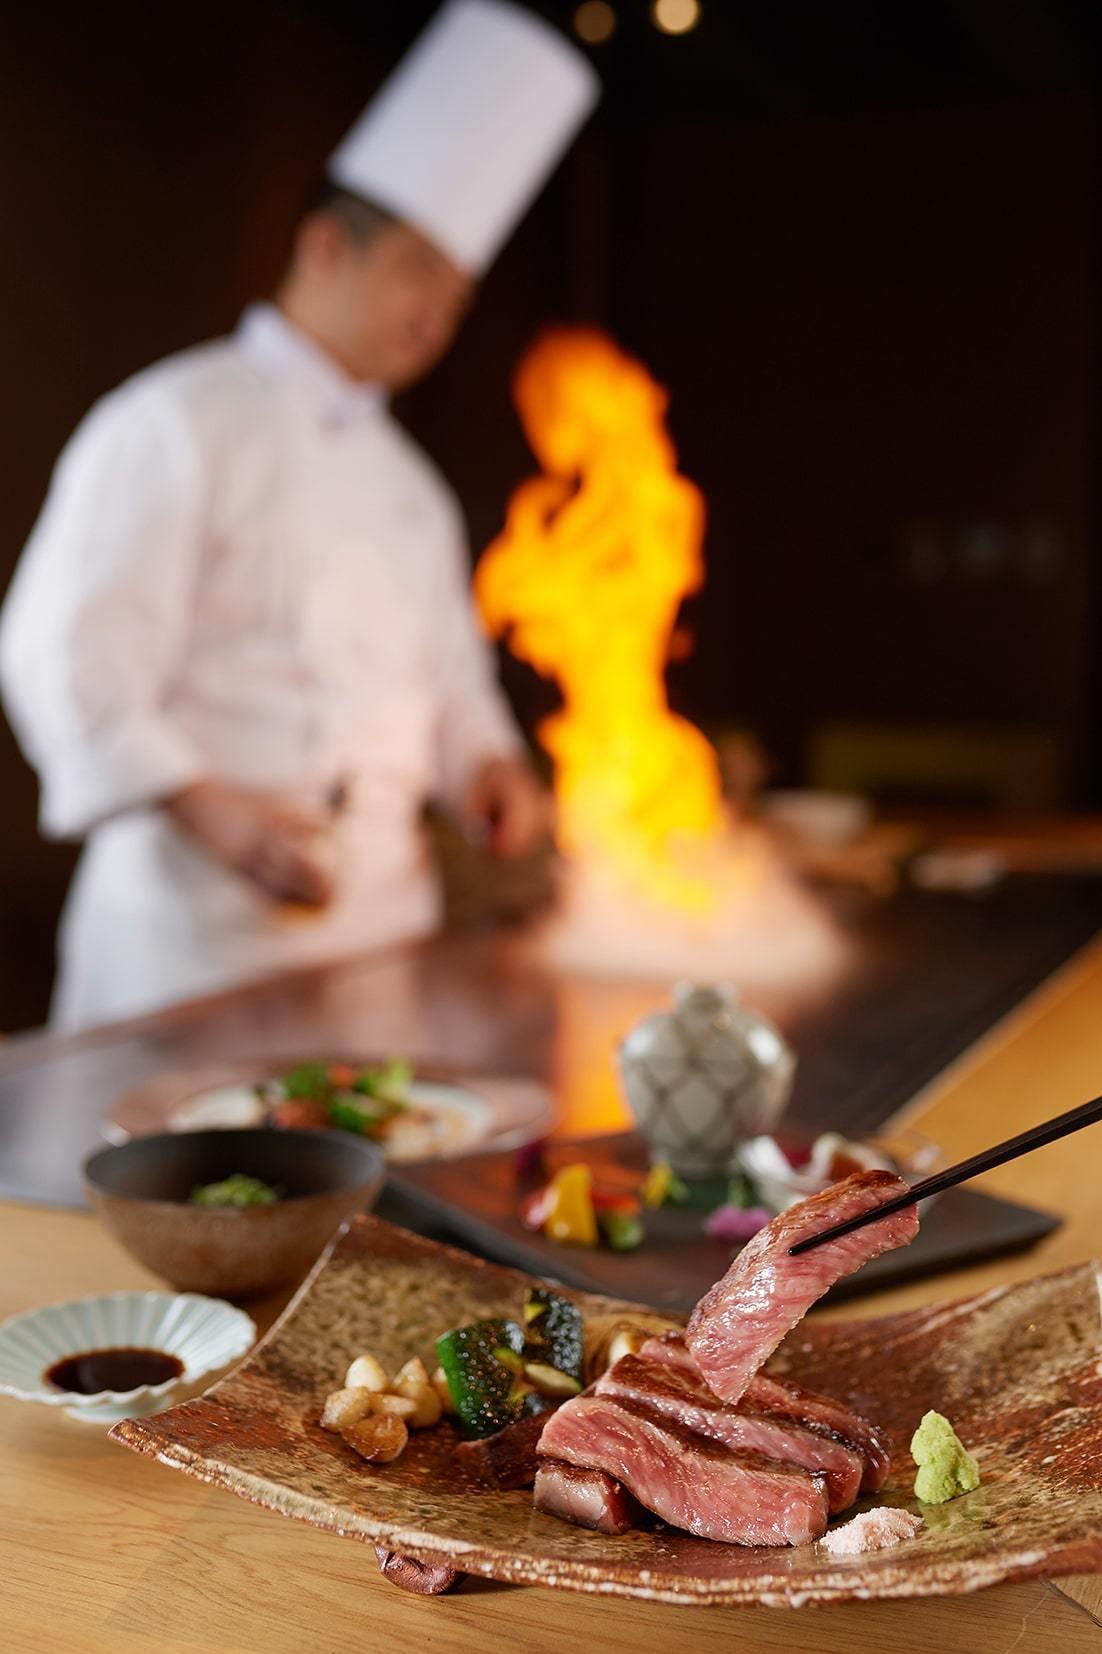 台北美福大飯店端出佐賀牛料理。圖/台北美福提供